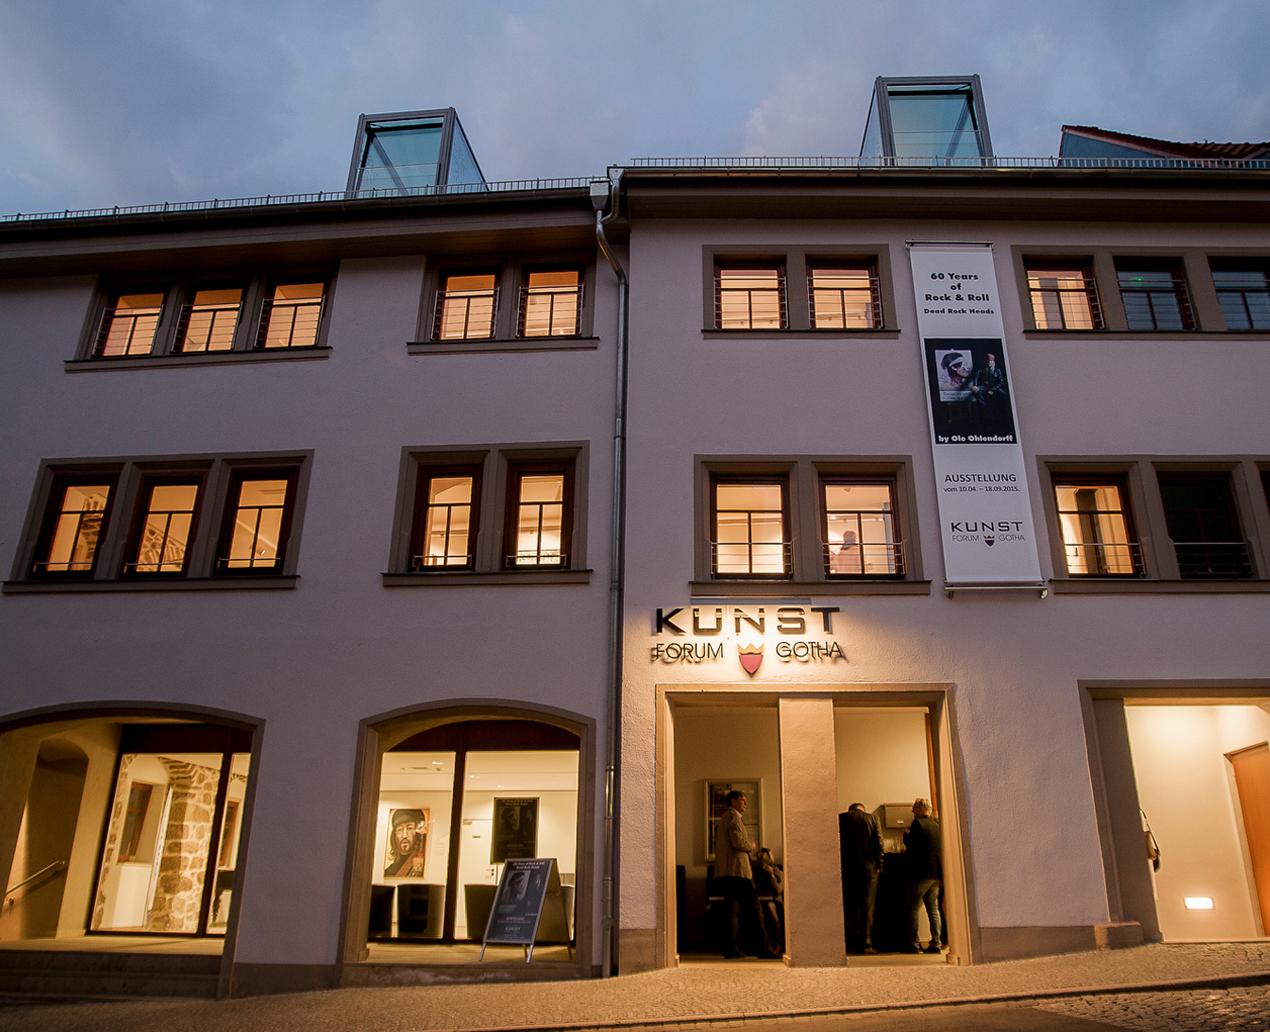 KunstForum Gotha ©Archiv KulTourStadt Gotha GmbH